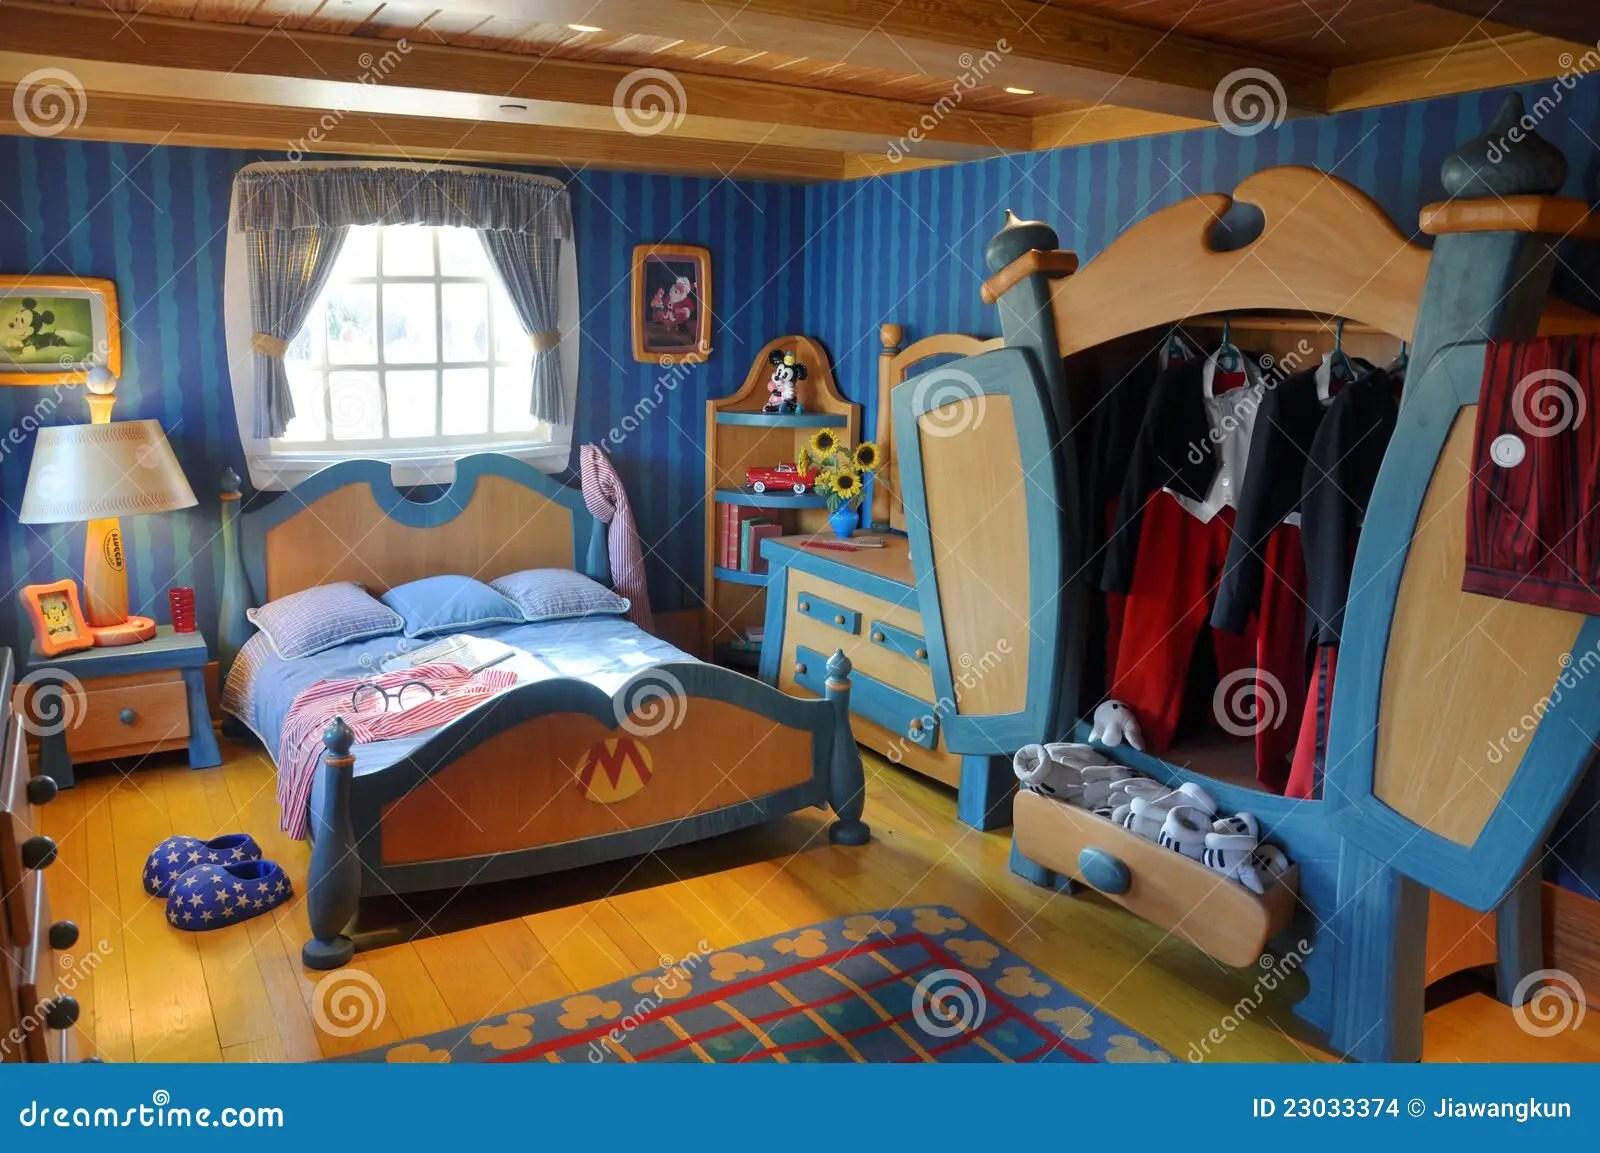 disney dream sofa bed slipcovers on clearance la chambre à coucher de mickey en monde orlando